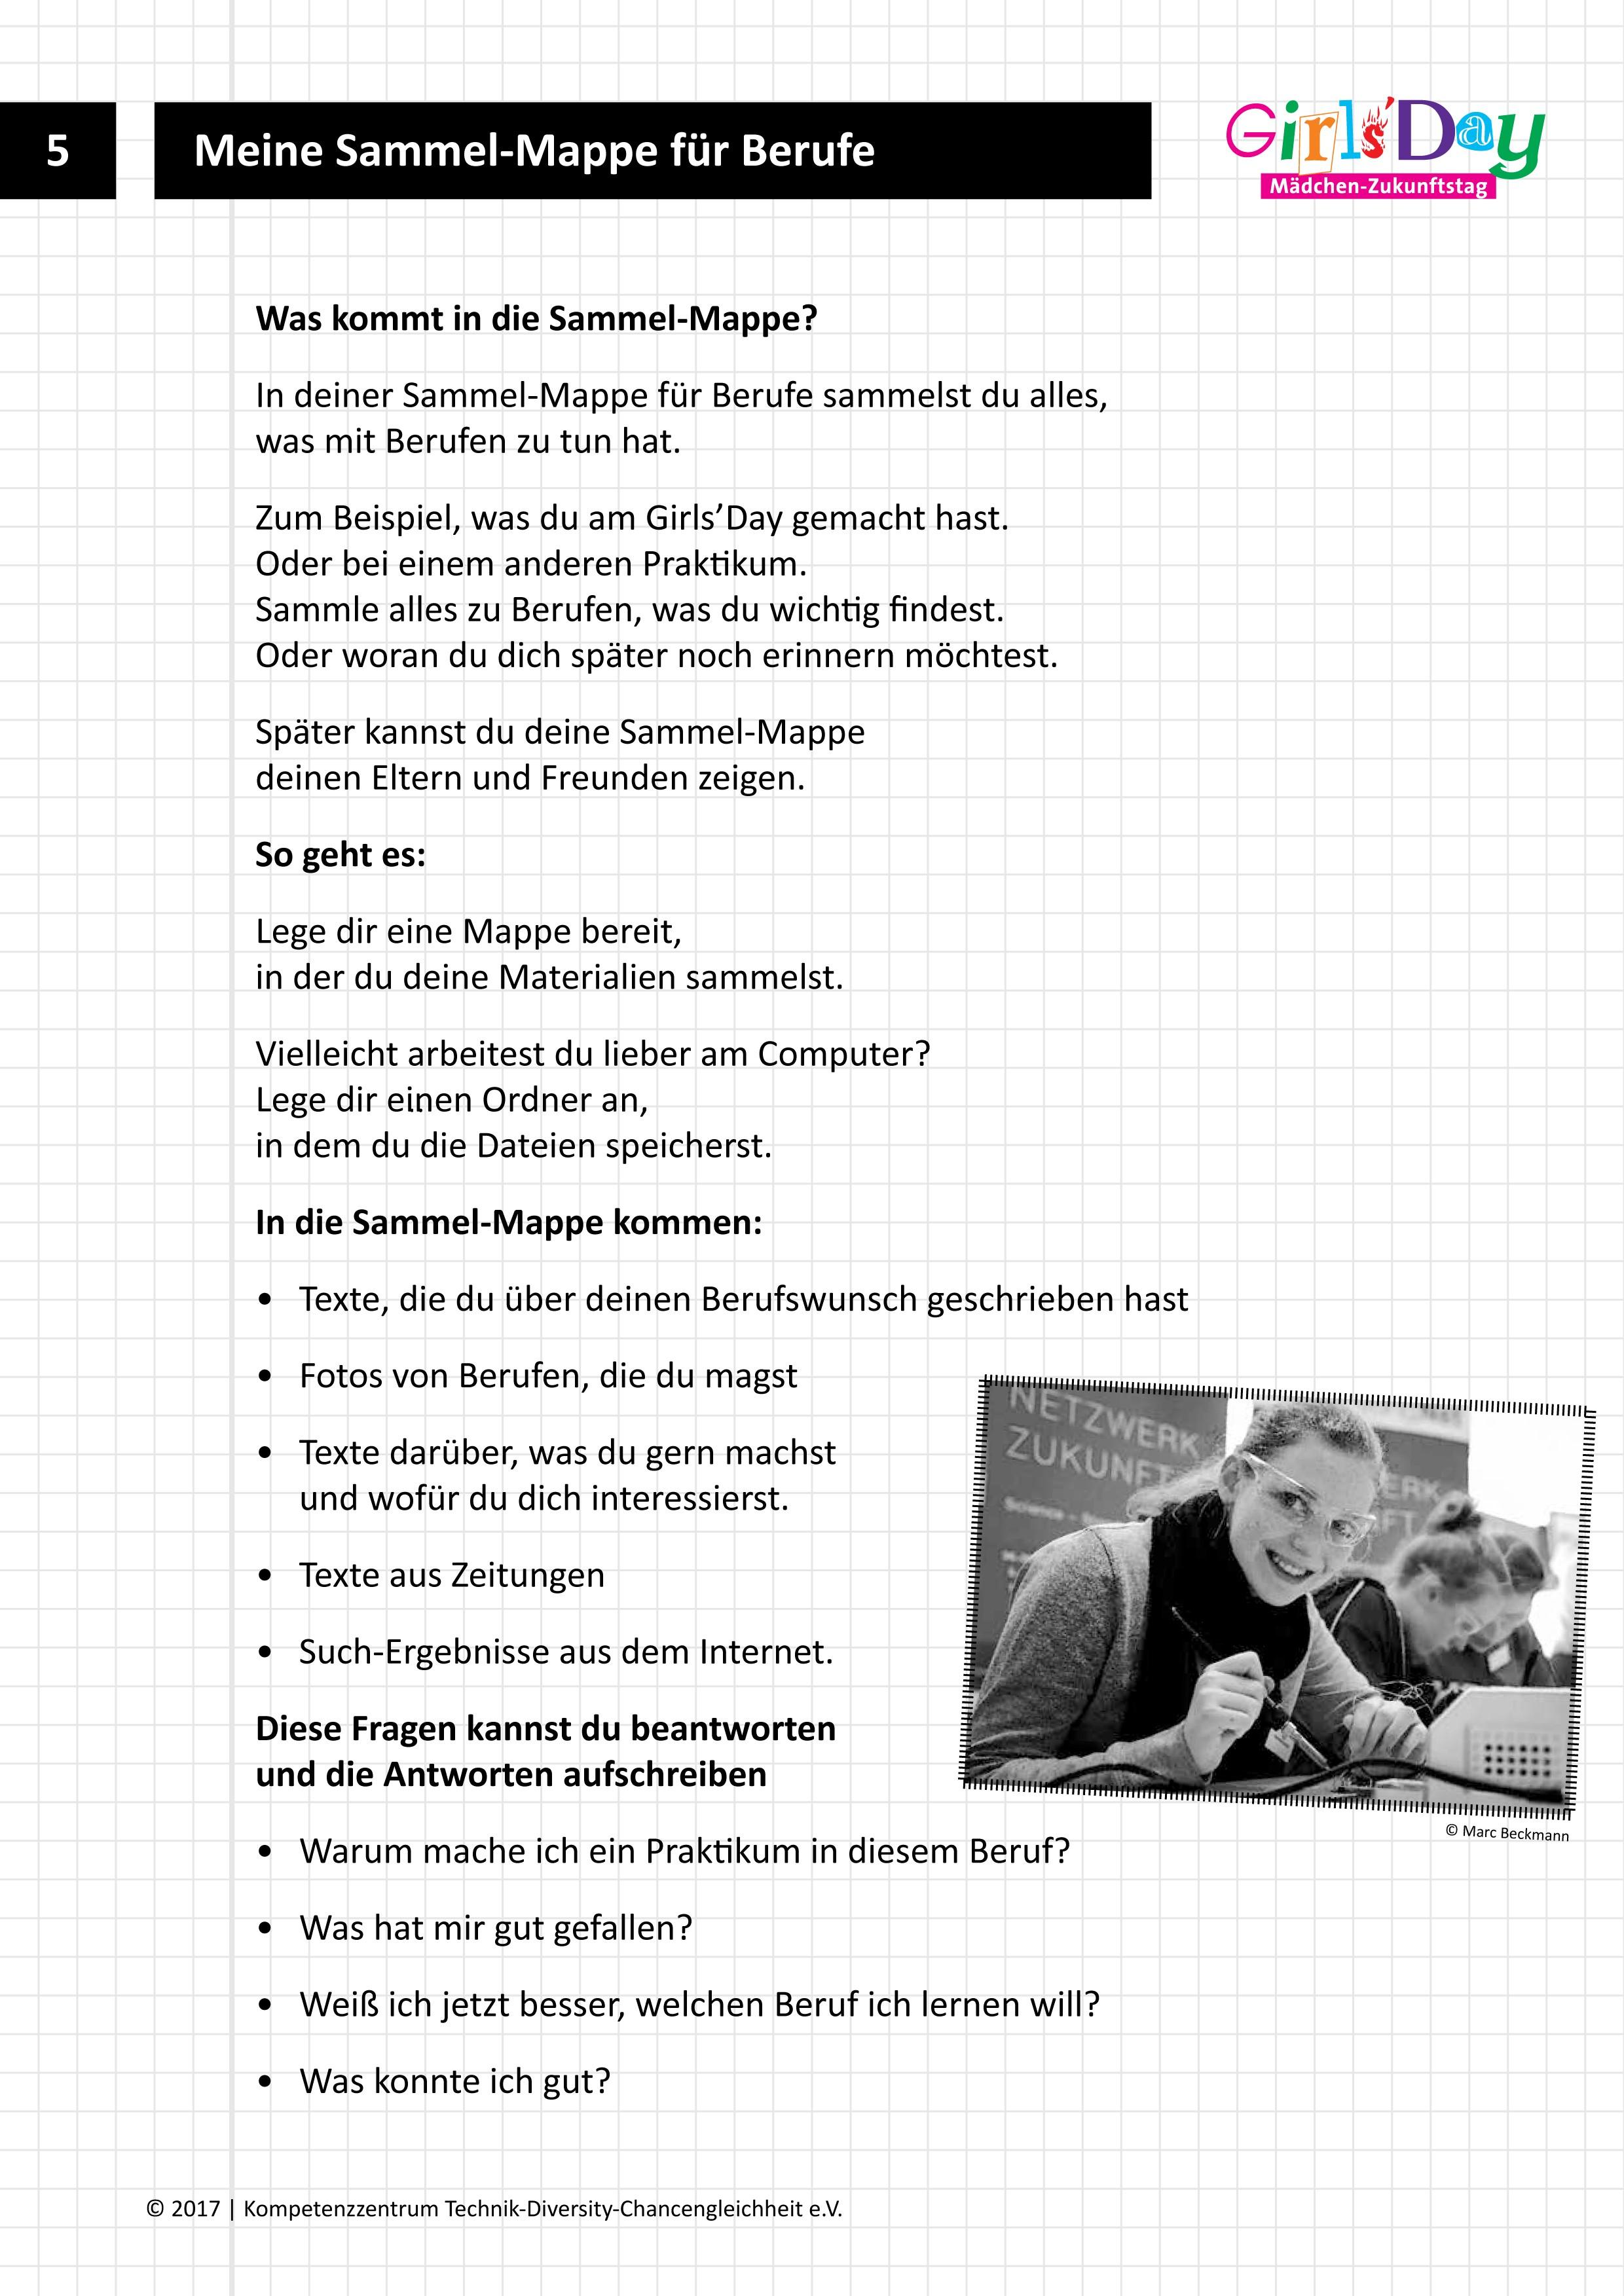 Girls\'Day-Unterrichtsmaterialien - Arbeitsblätter Leichte Sprache ...